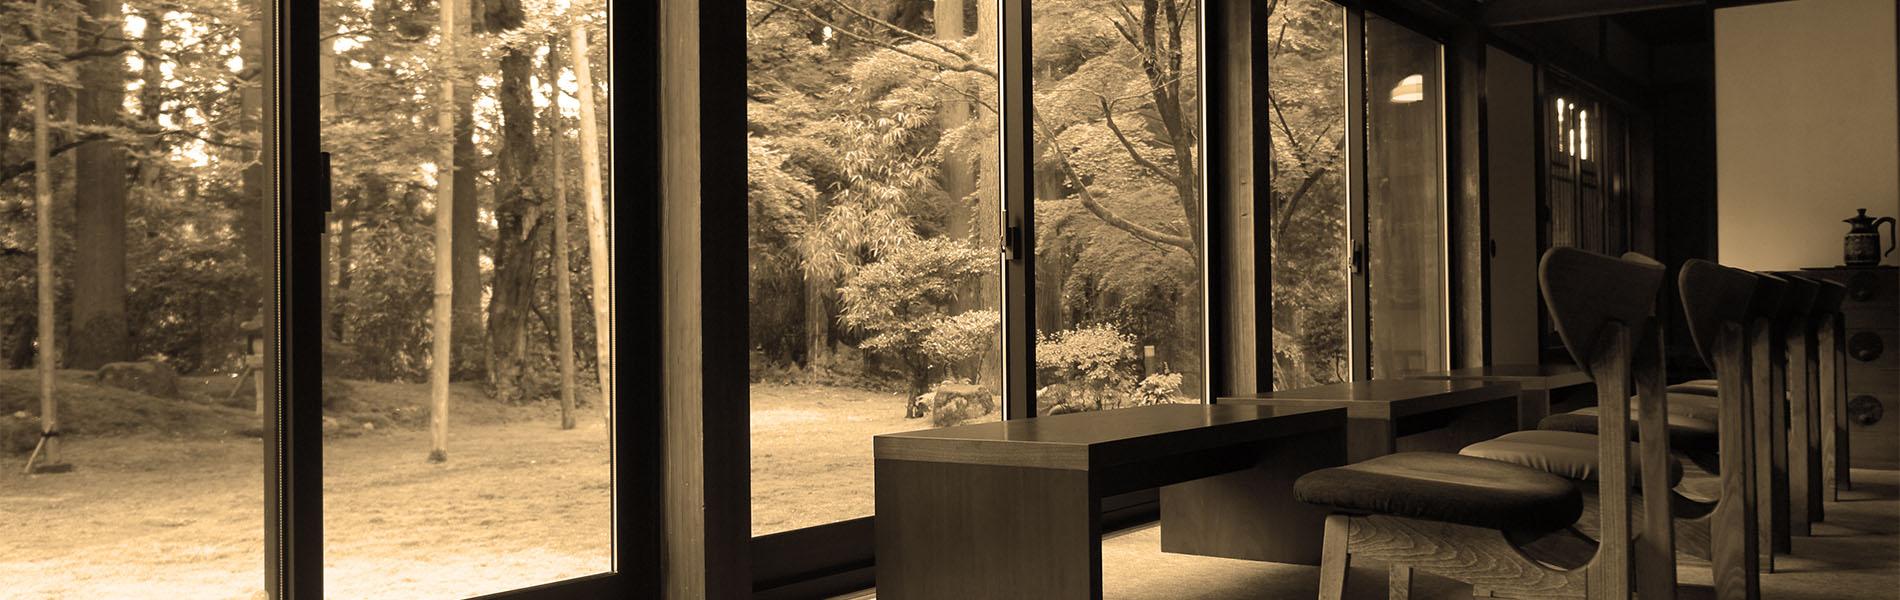 CAFE HAYASHI 苔庭を眺める客席